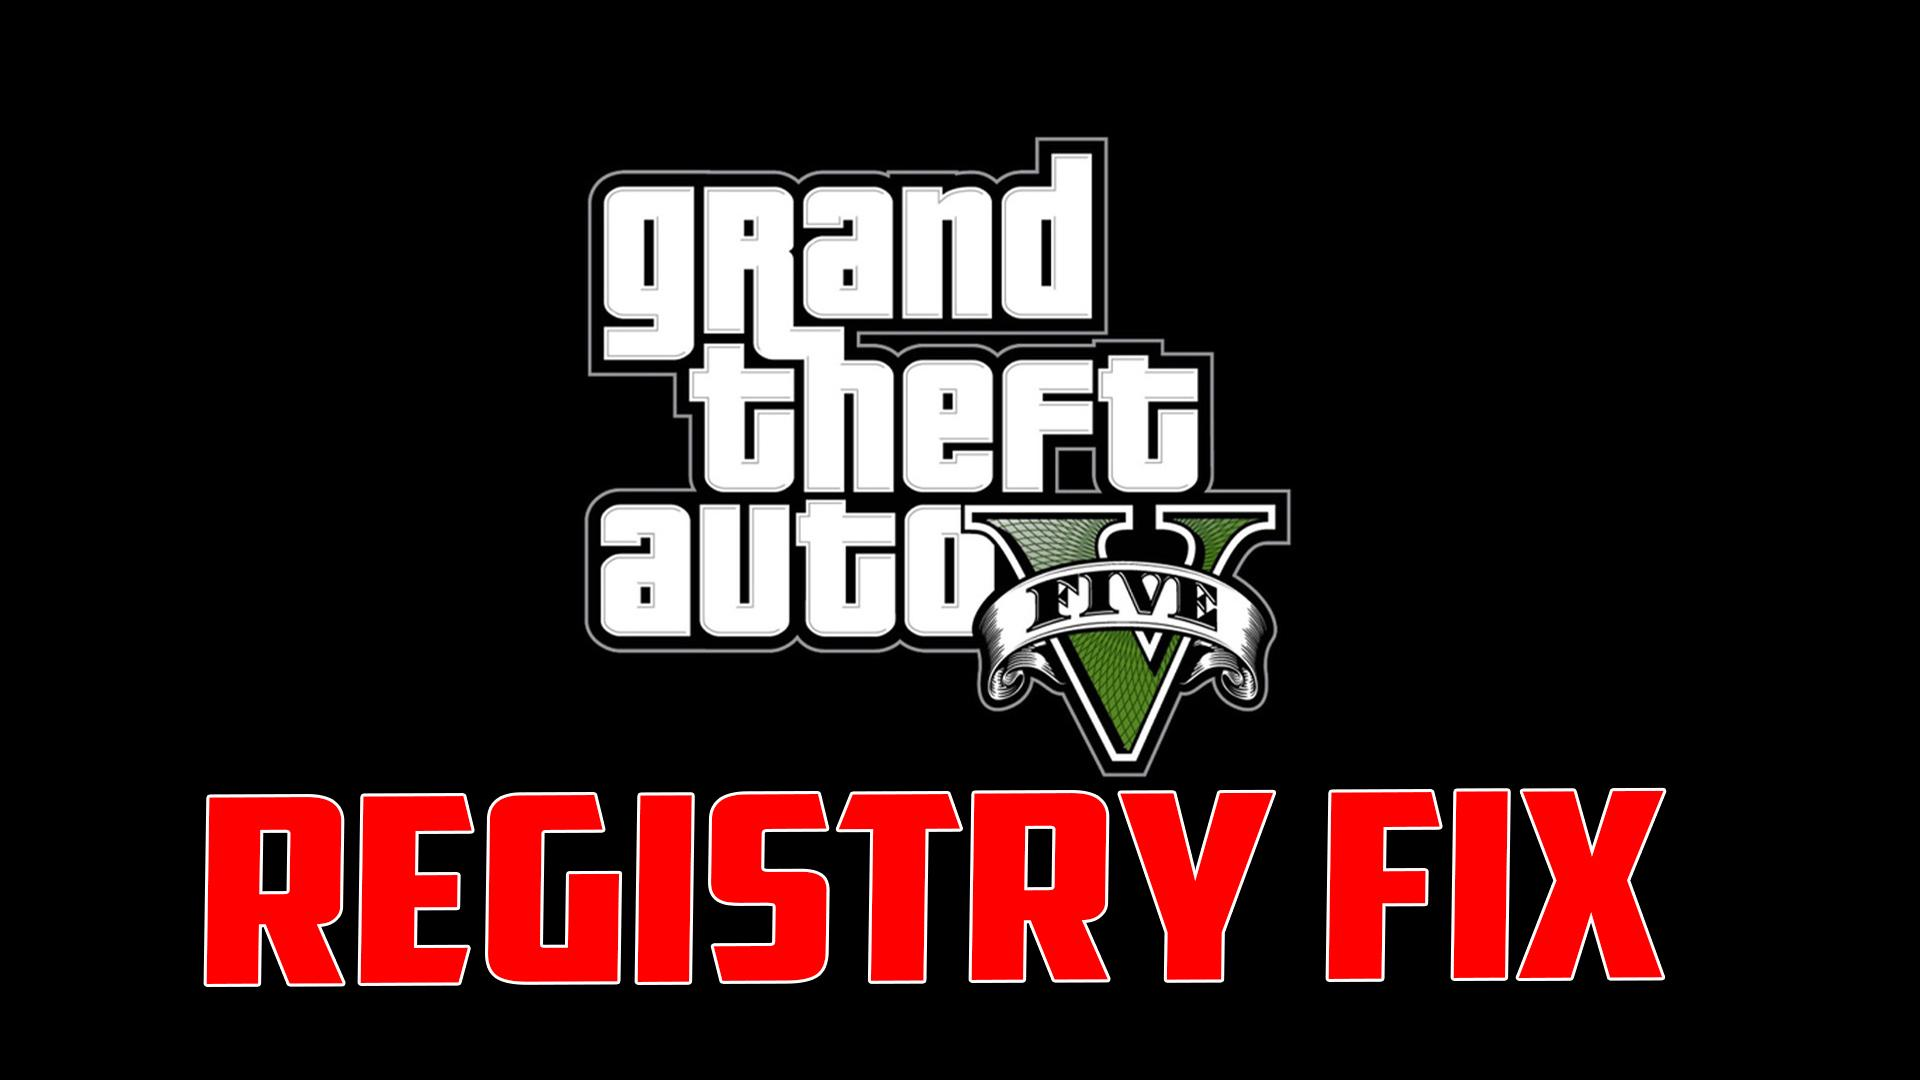 Grand theft auto v registry fix gta5-mods. Com.